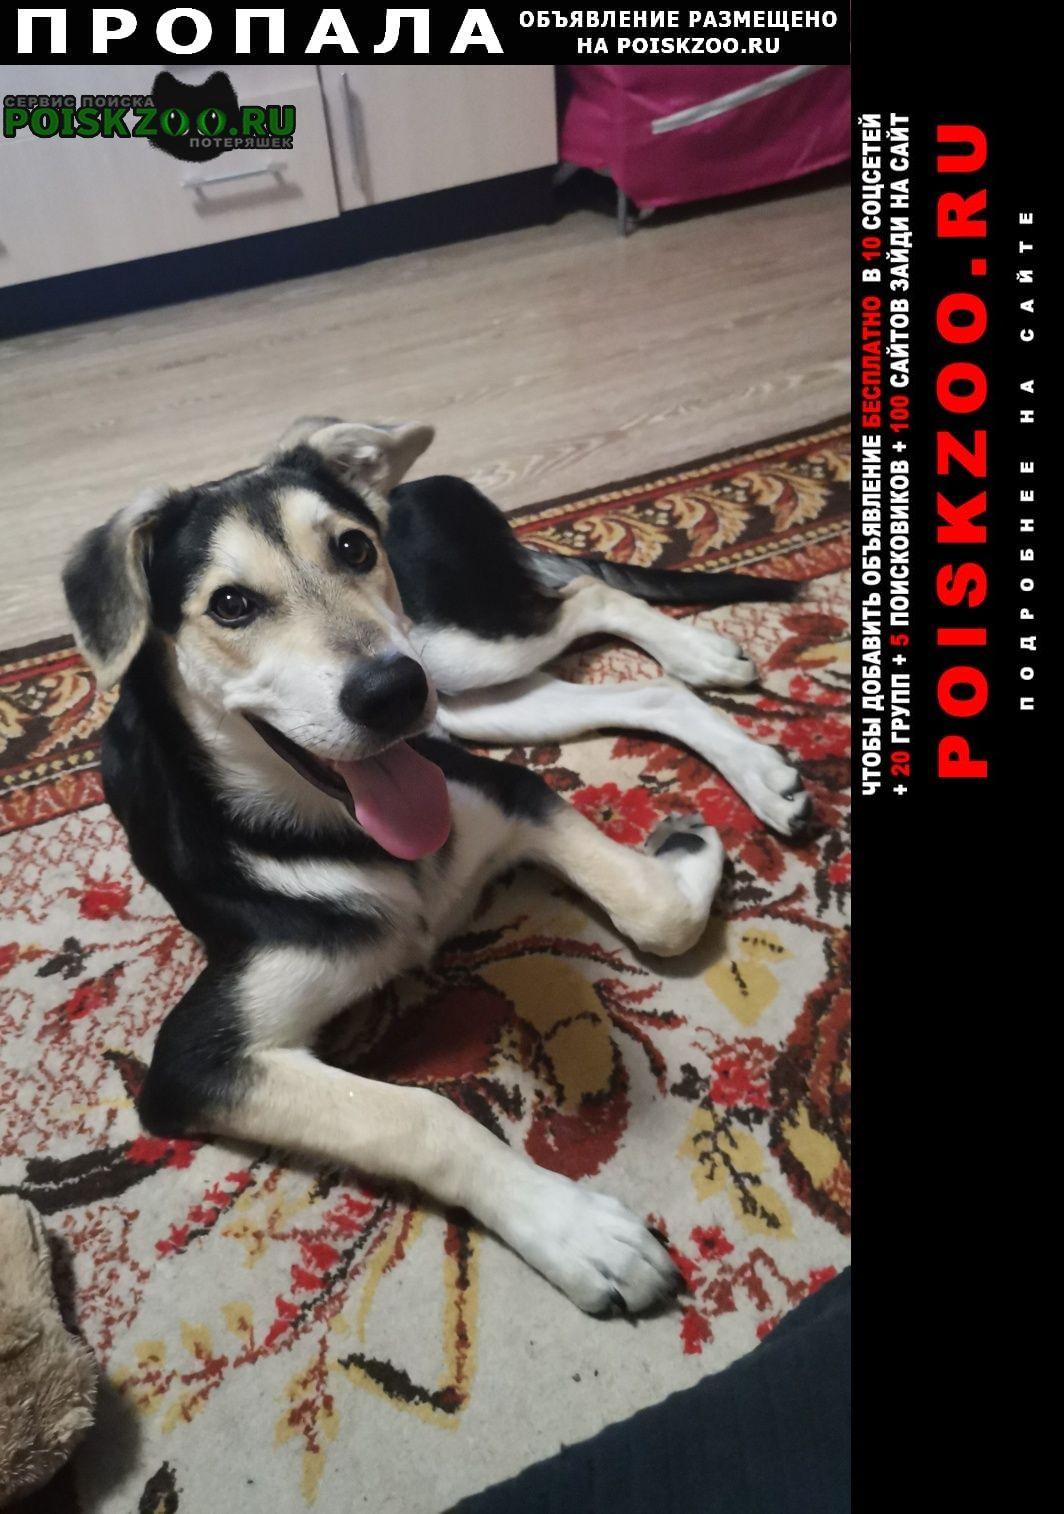 Пропала собака кобель пёс чаки 6 месяцев Москва